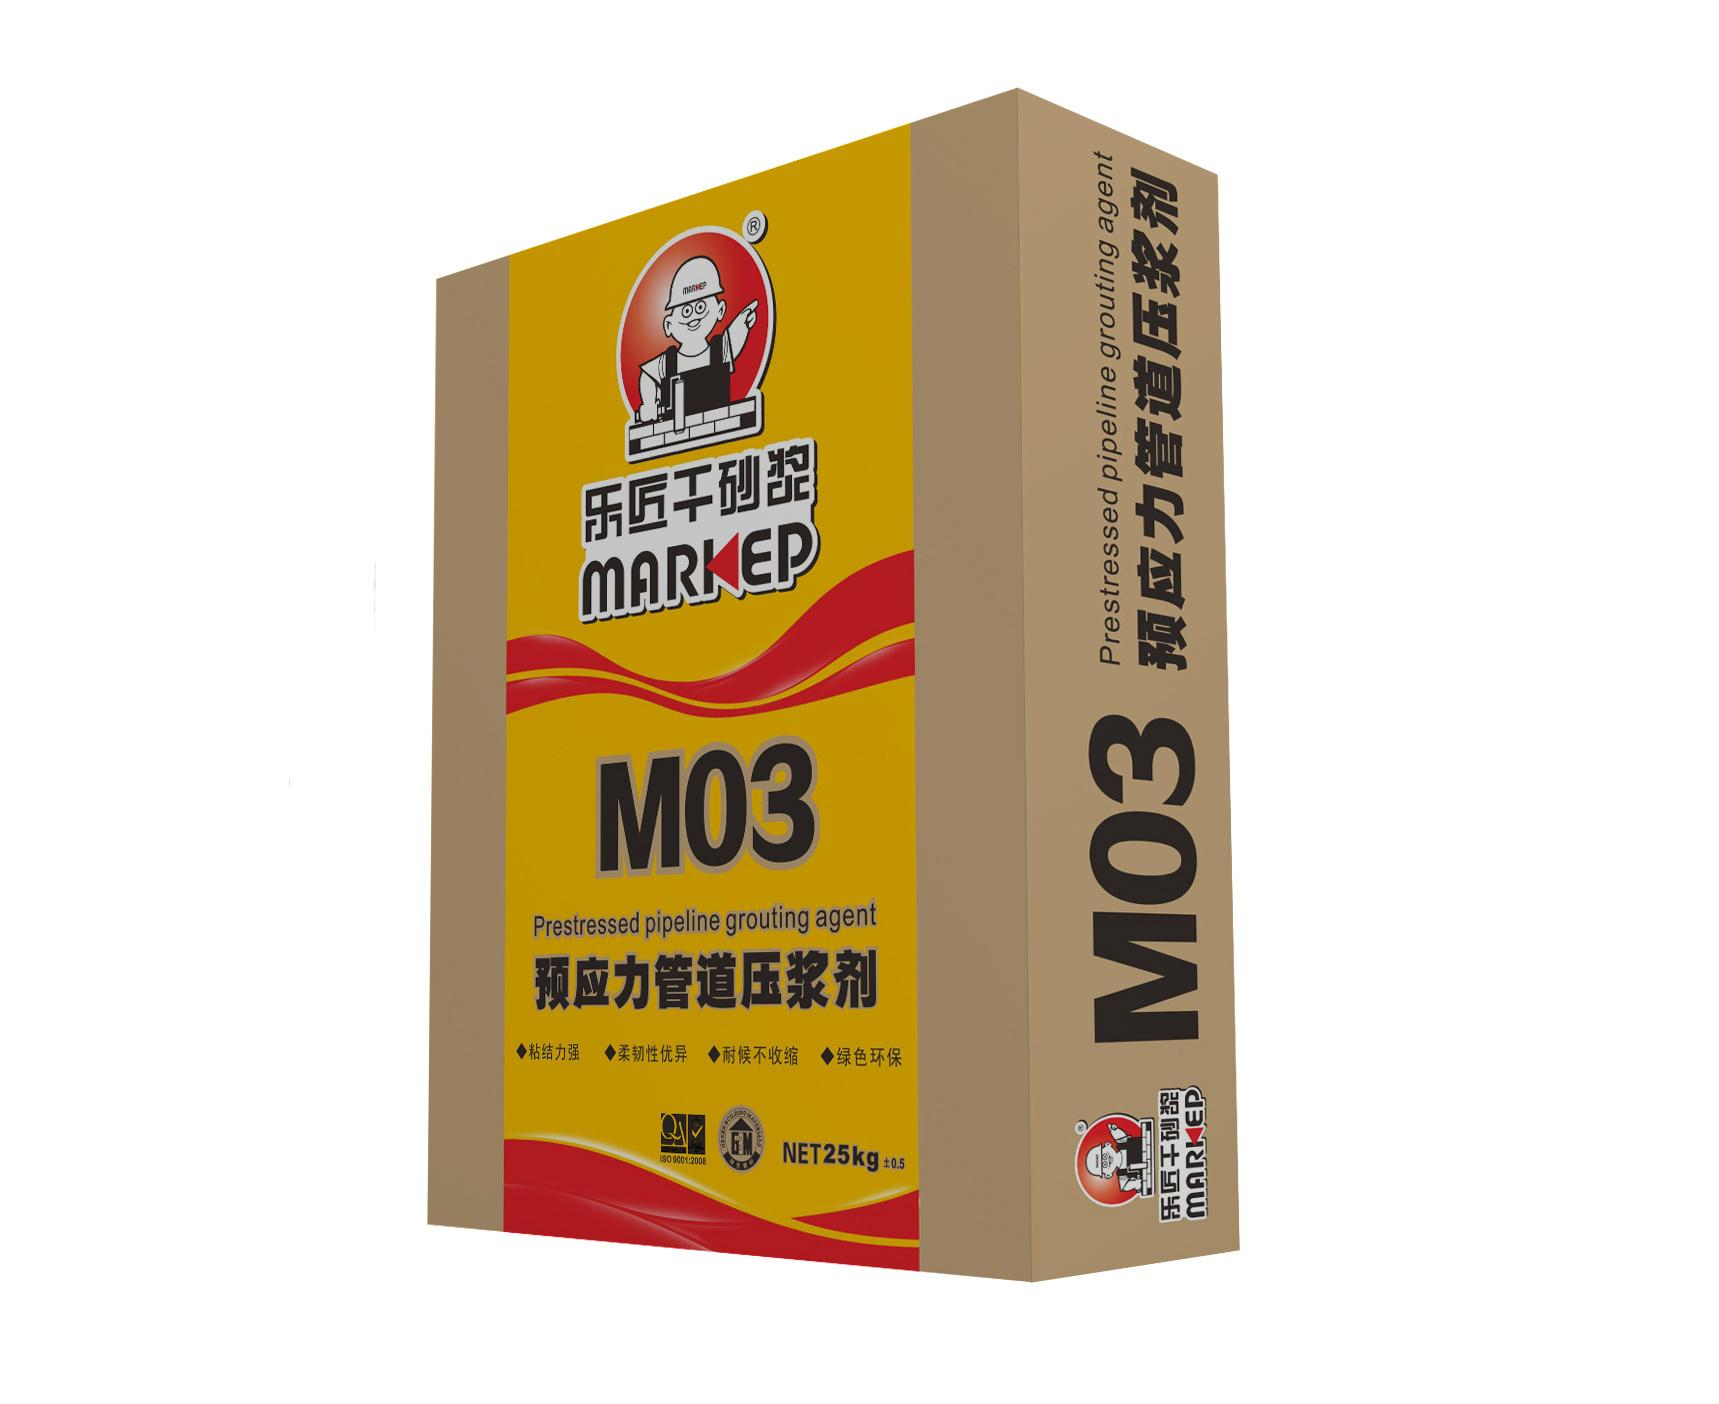 M03高性能管道压浆剂